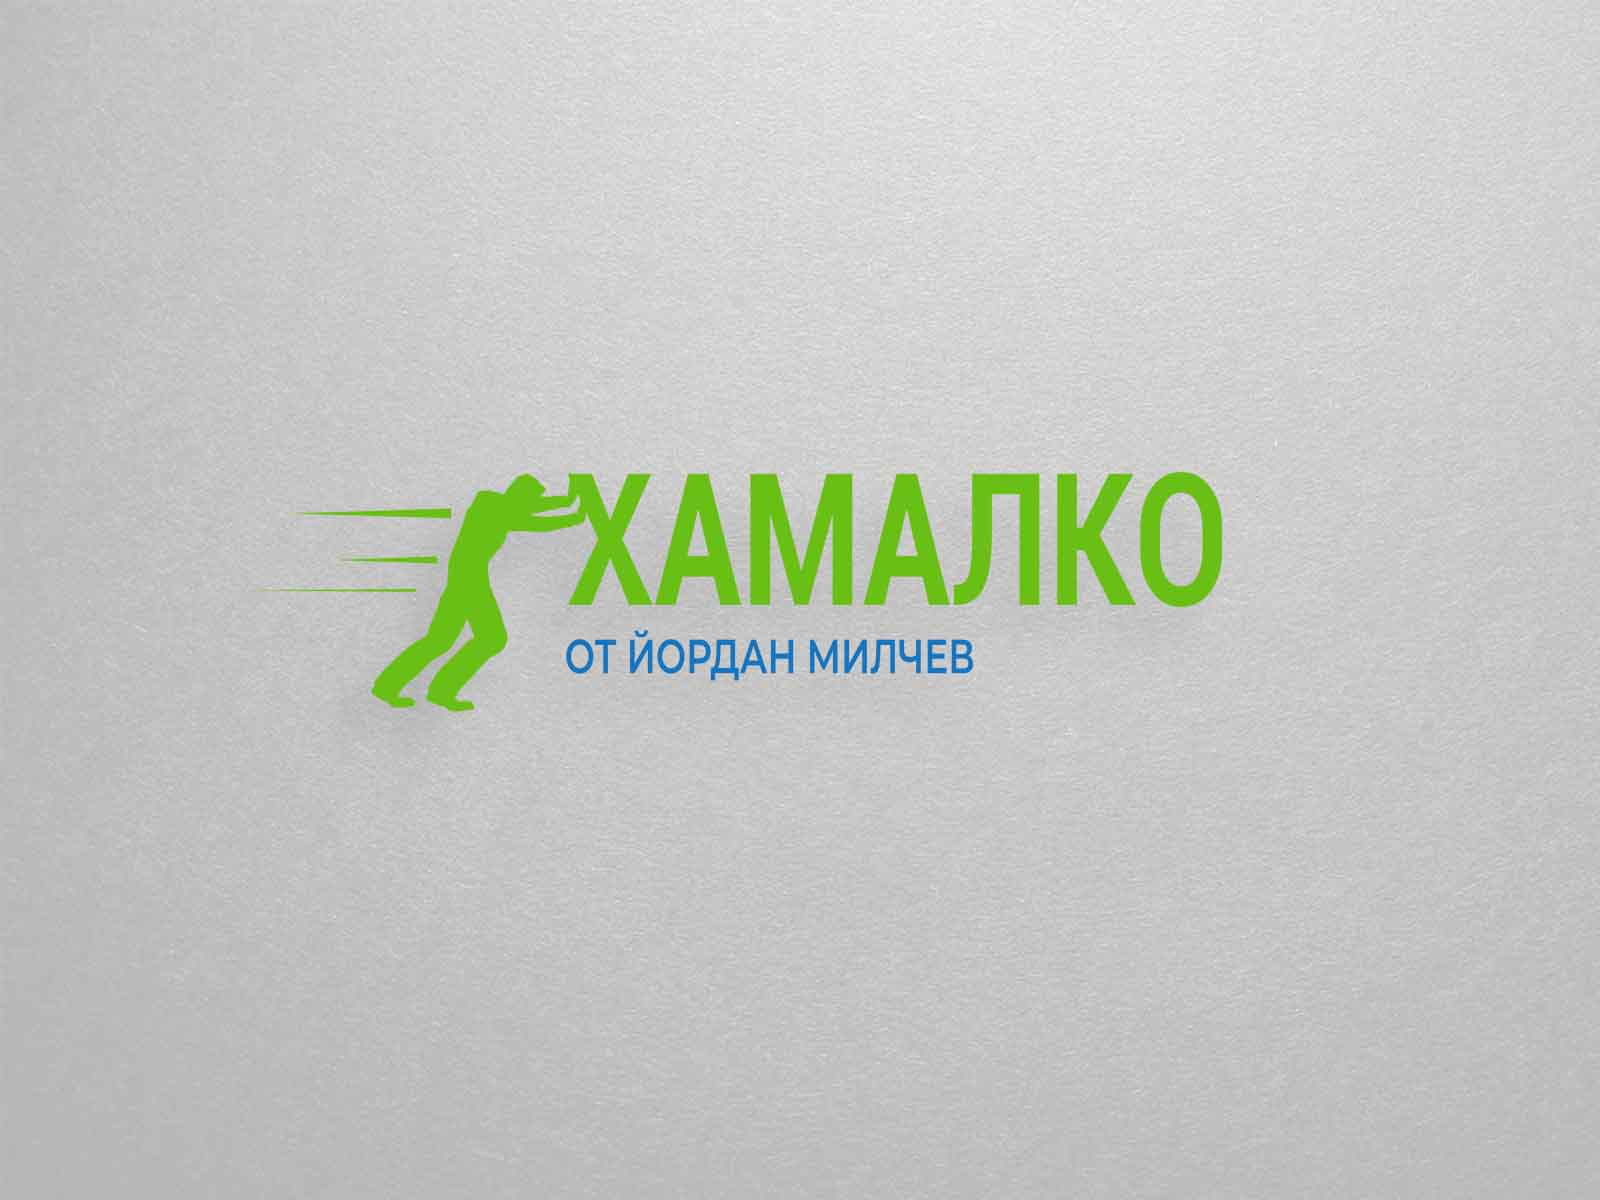 хамалко-лого-изработка-на-уебсайт-linkbox